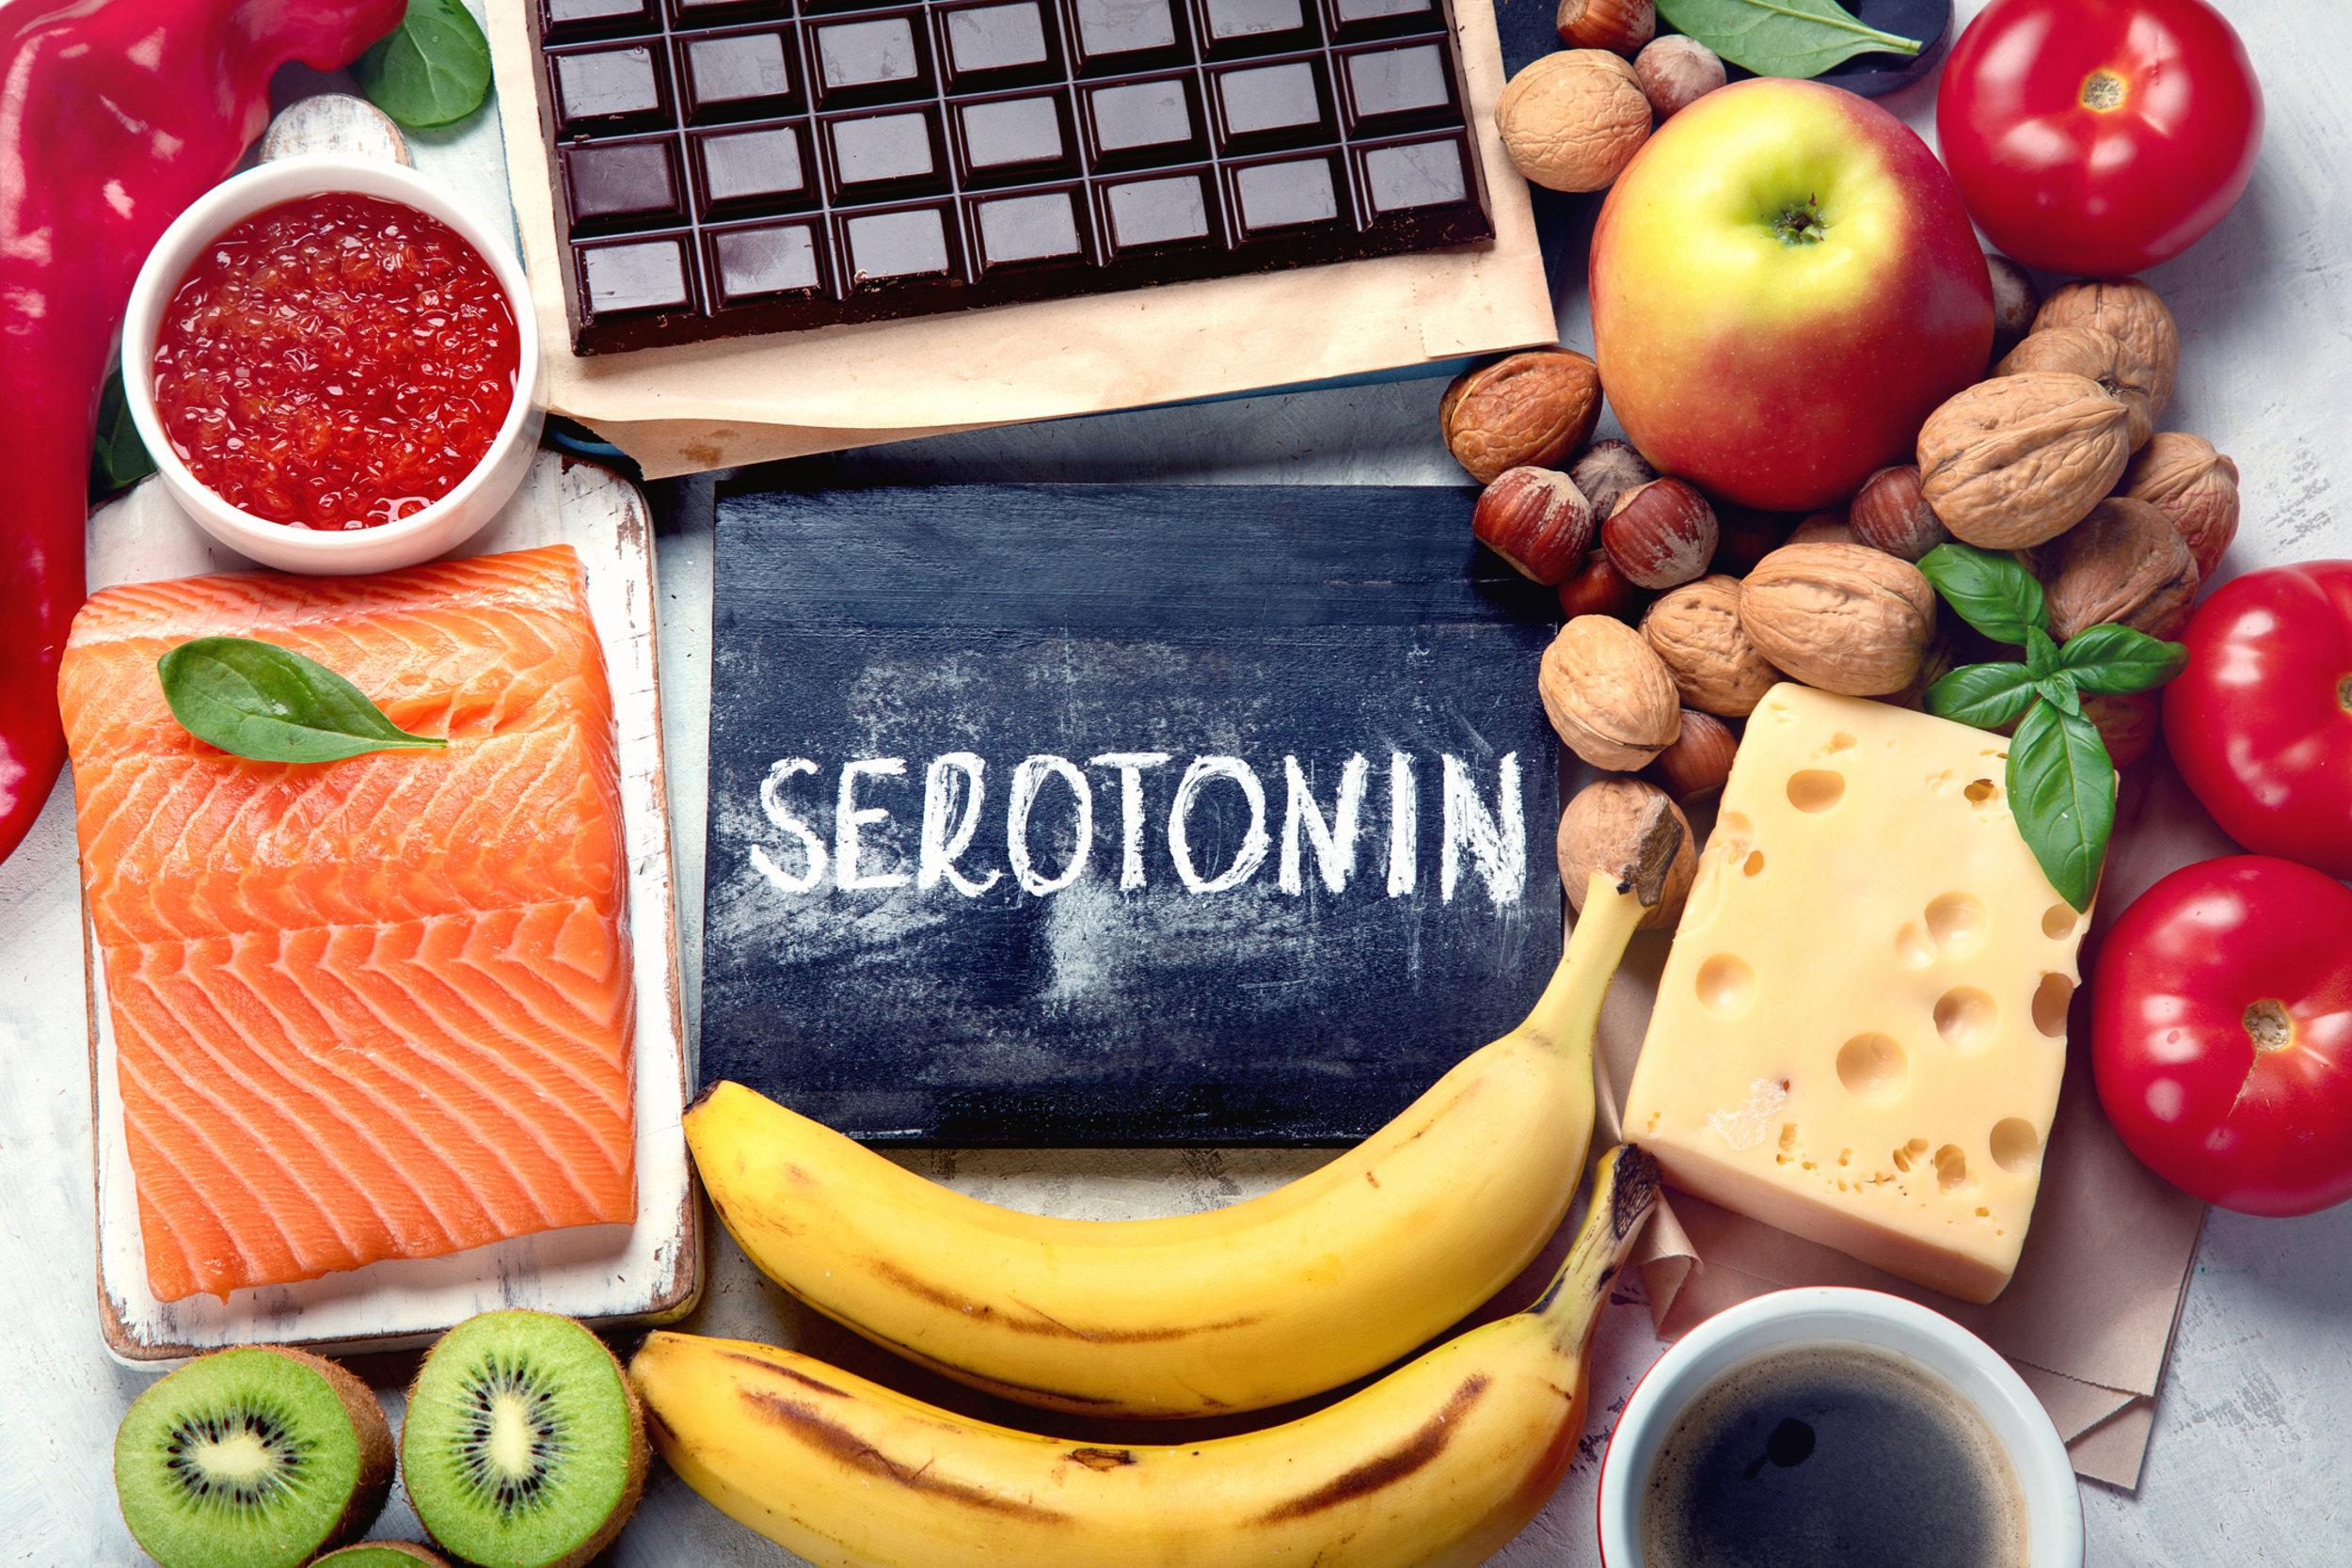 Άγχος και διατροφή, μια ιδιόμορφη σχέση. 3 Τρόποι να την ανακαλύψετε!